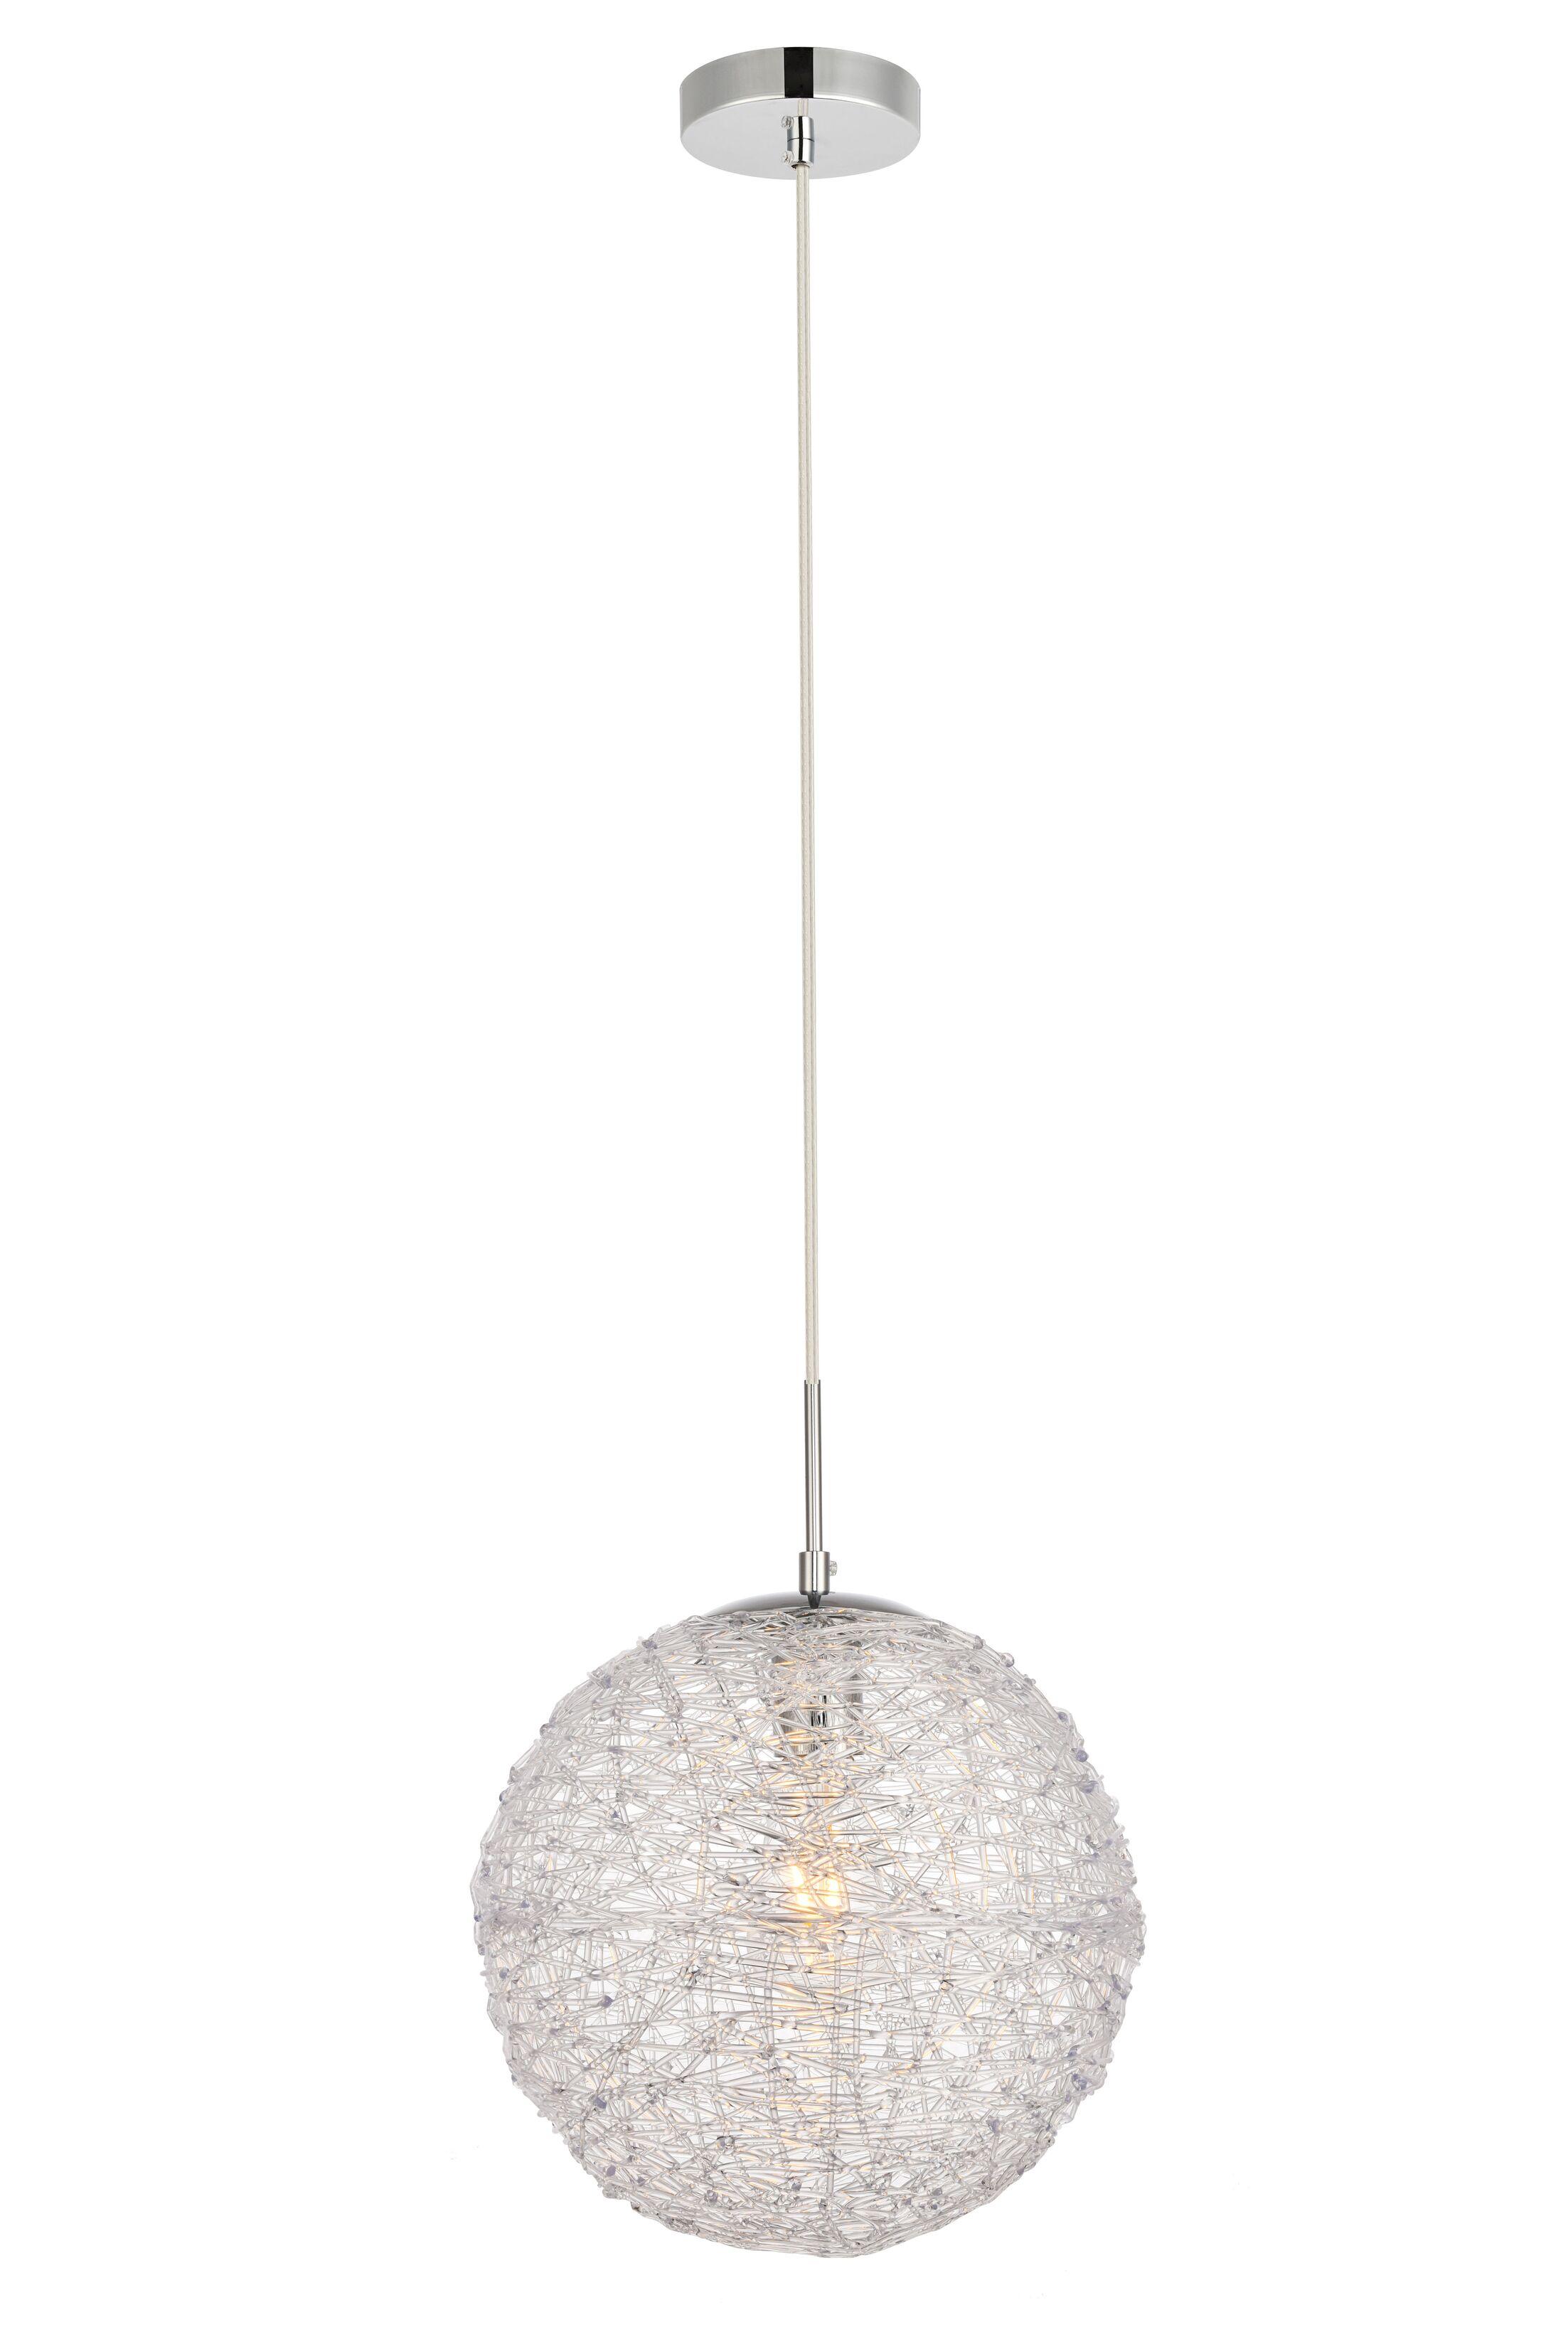 Bainum 1-Light Pendant Size: 72